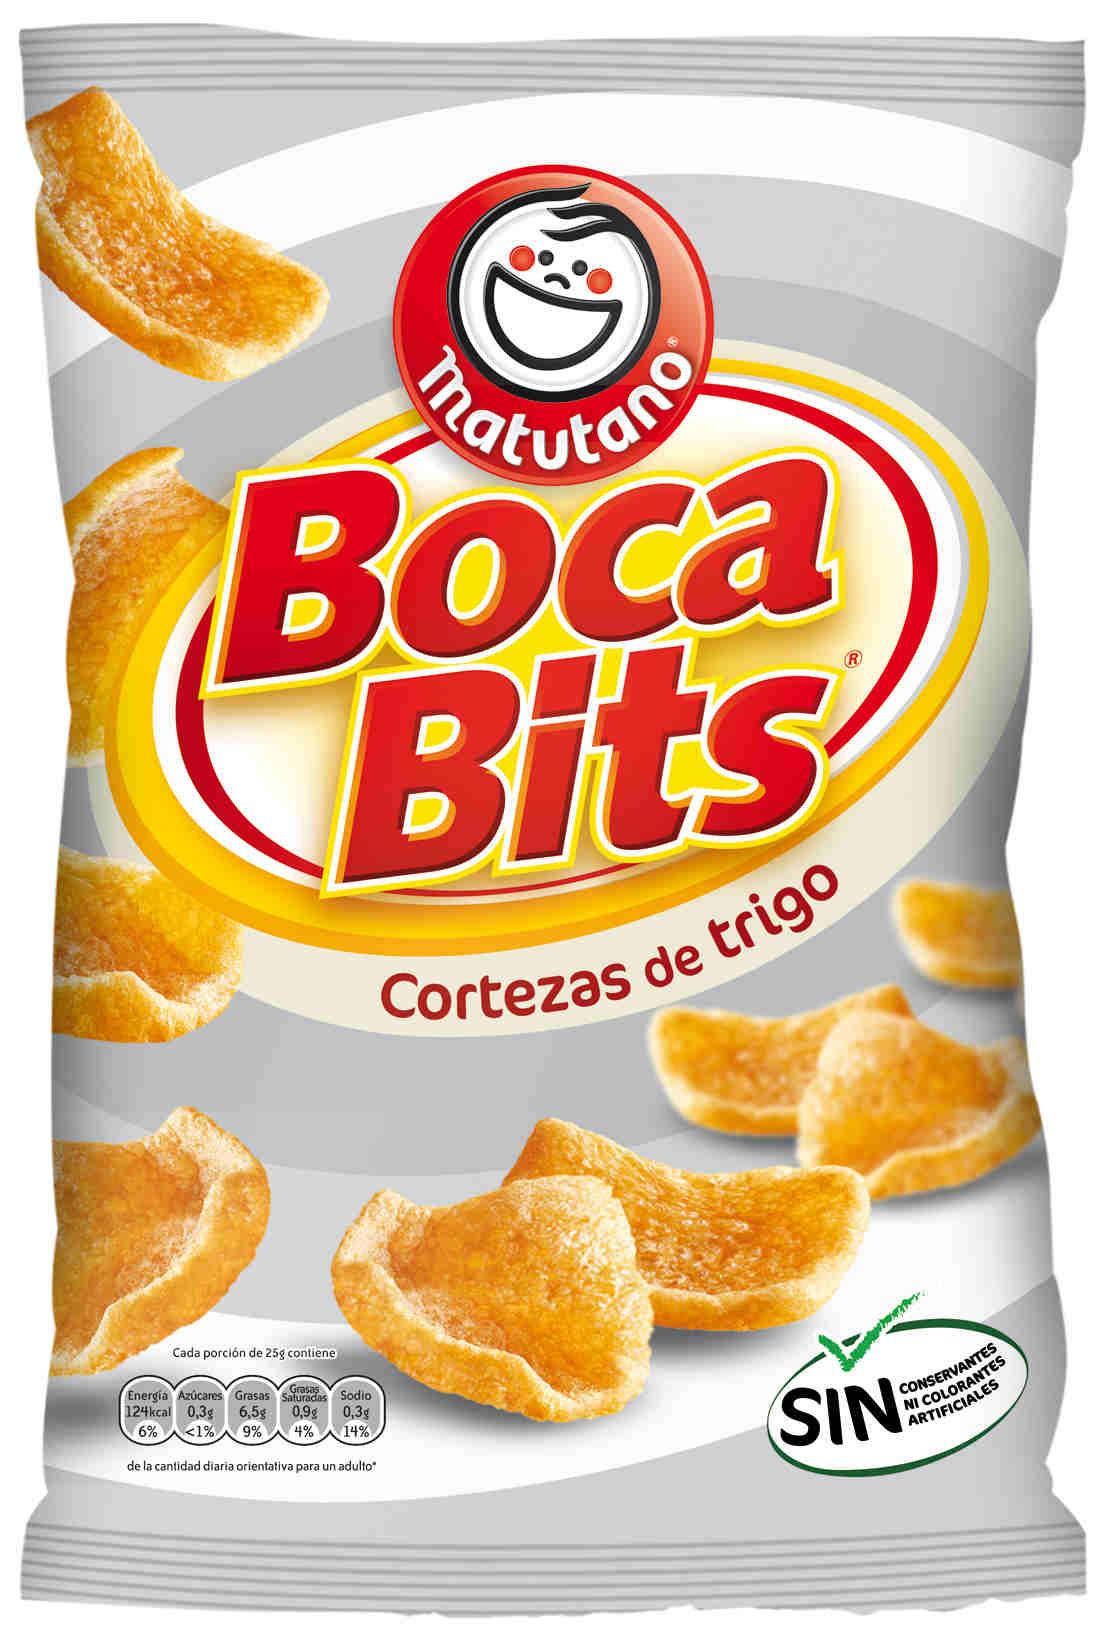 BOCA BITS 21g.